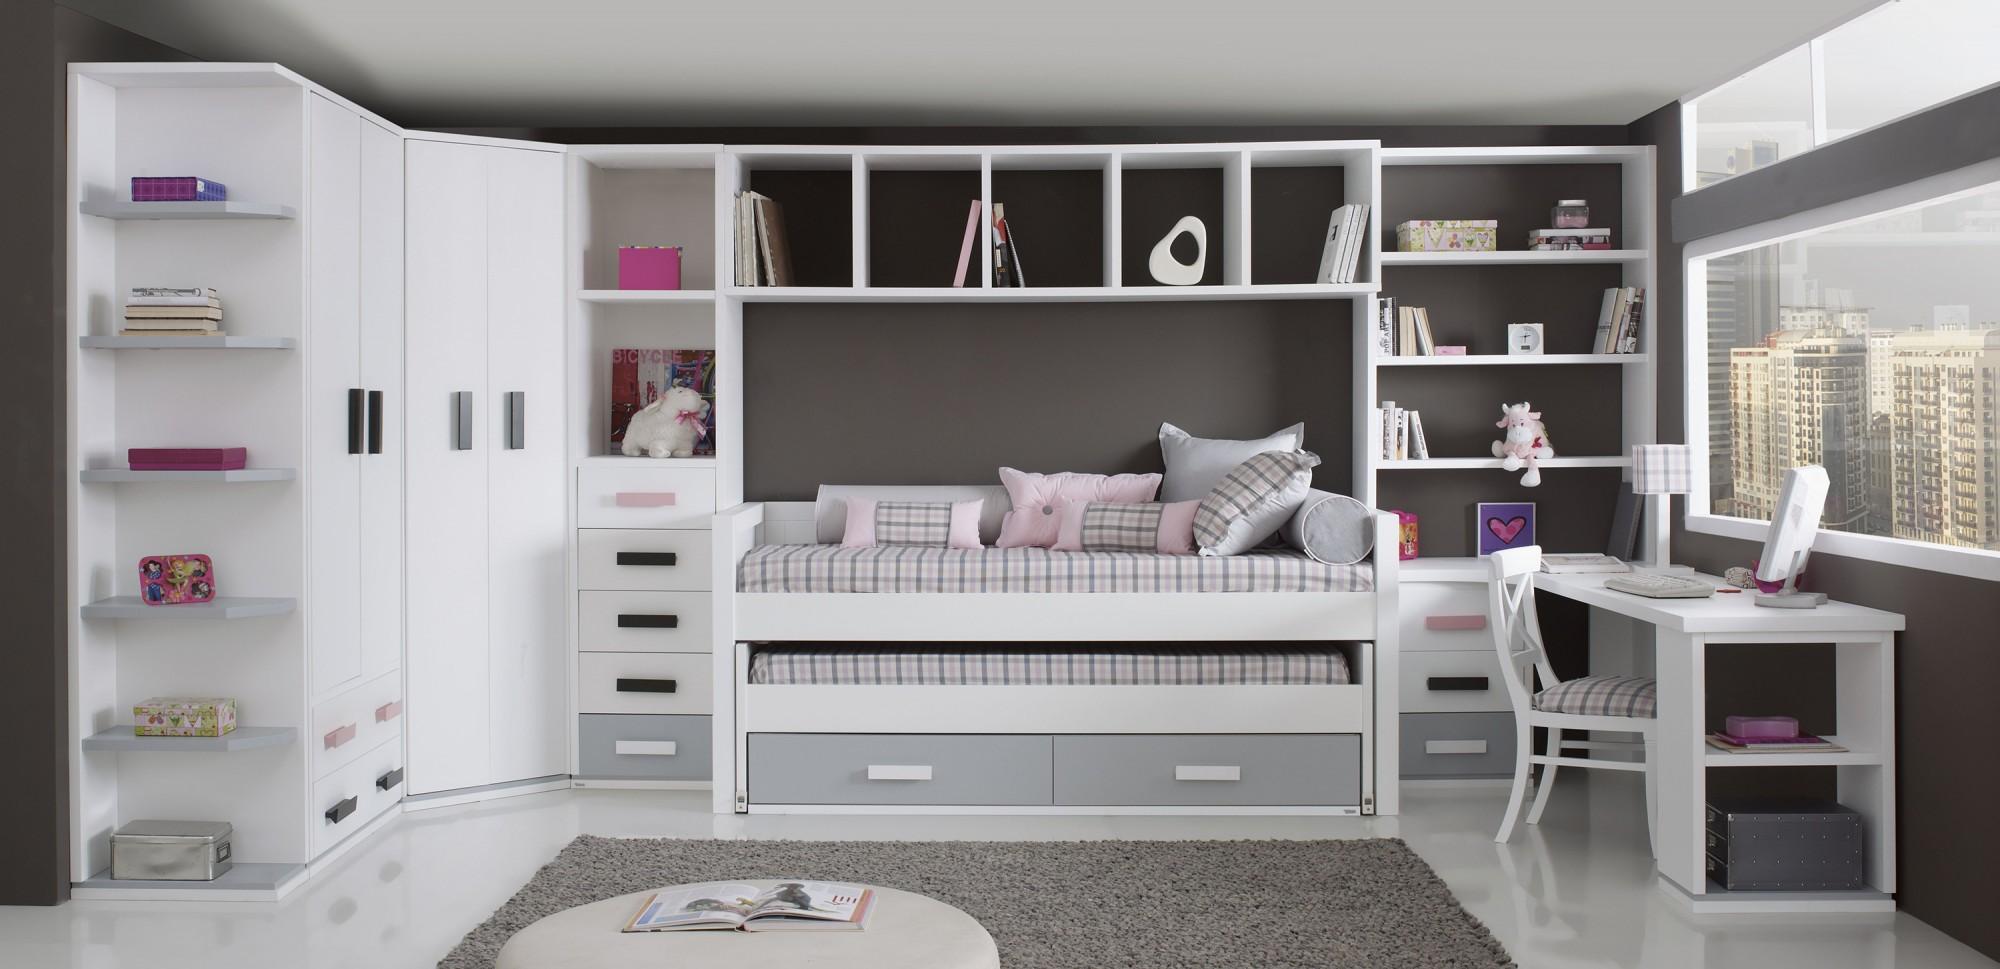 Desconectar y relajar c mo ser m s feliz en el for Ideas para decorar dormitorio juvenil